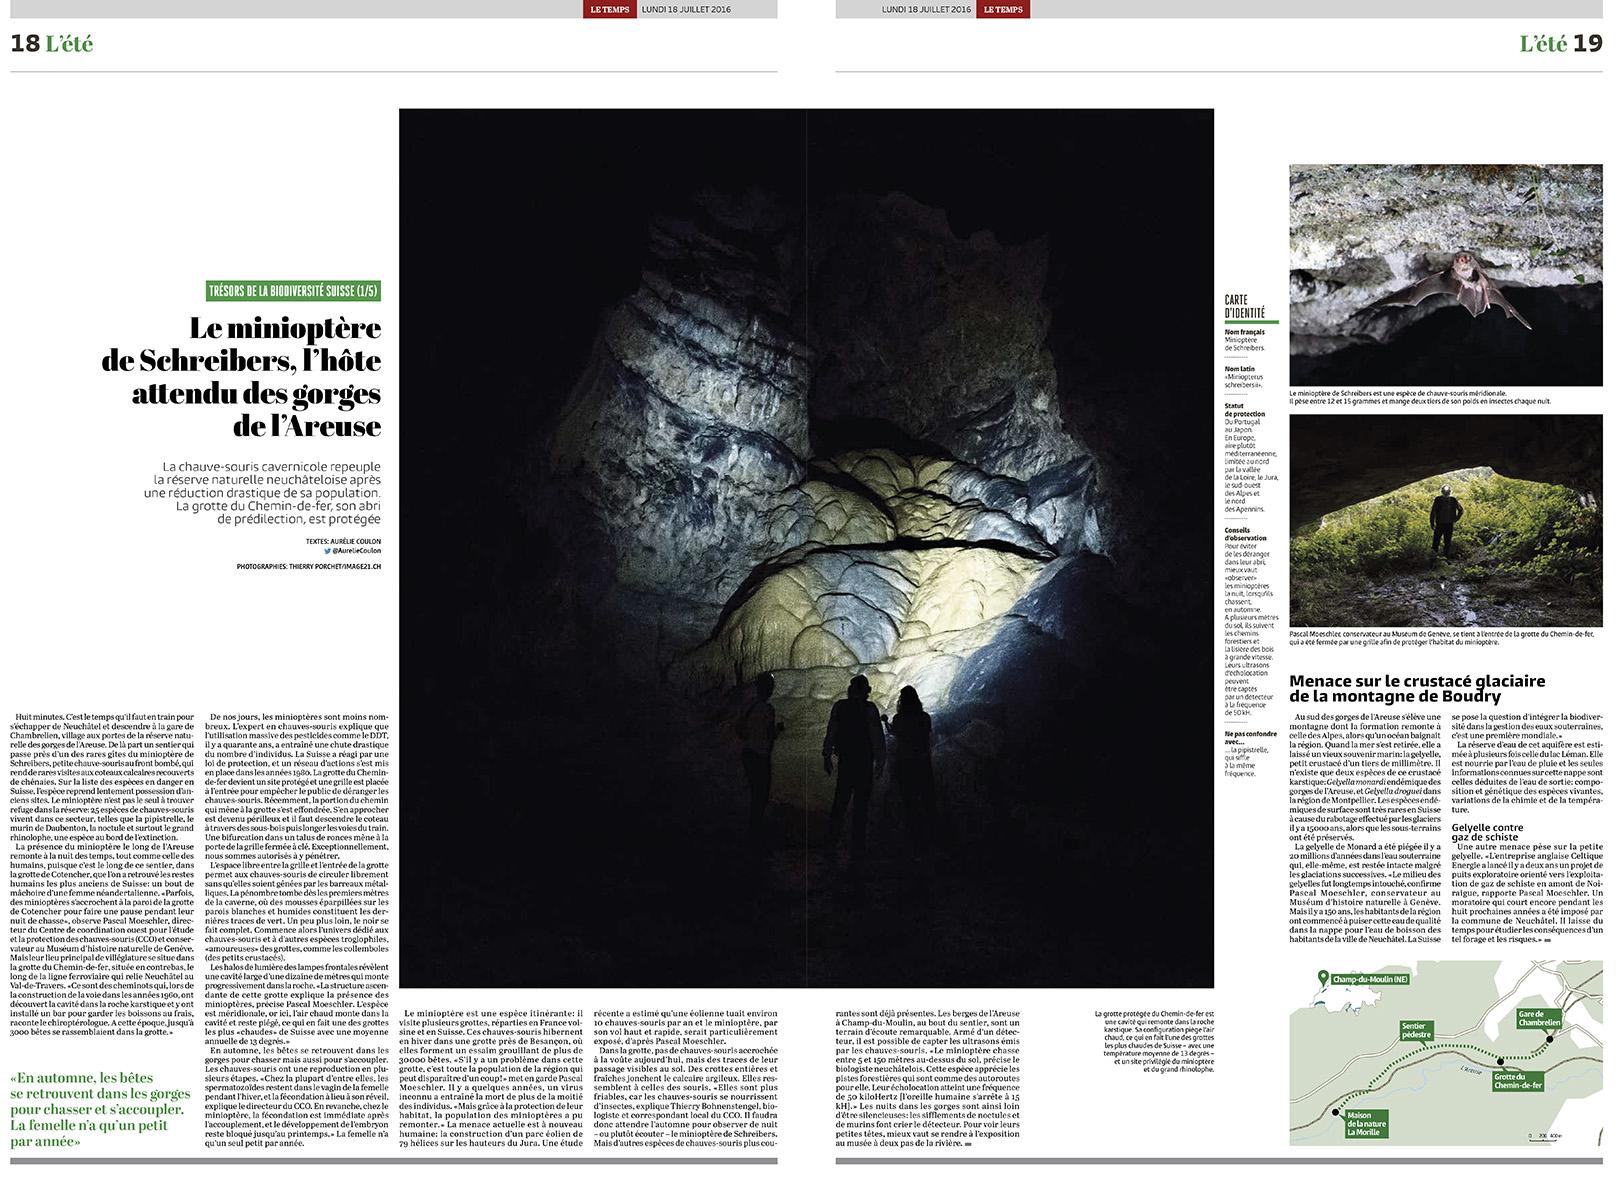 Double page à la recherche de chauve-souris, Le Temps / ©Thierry Porchet